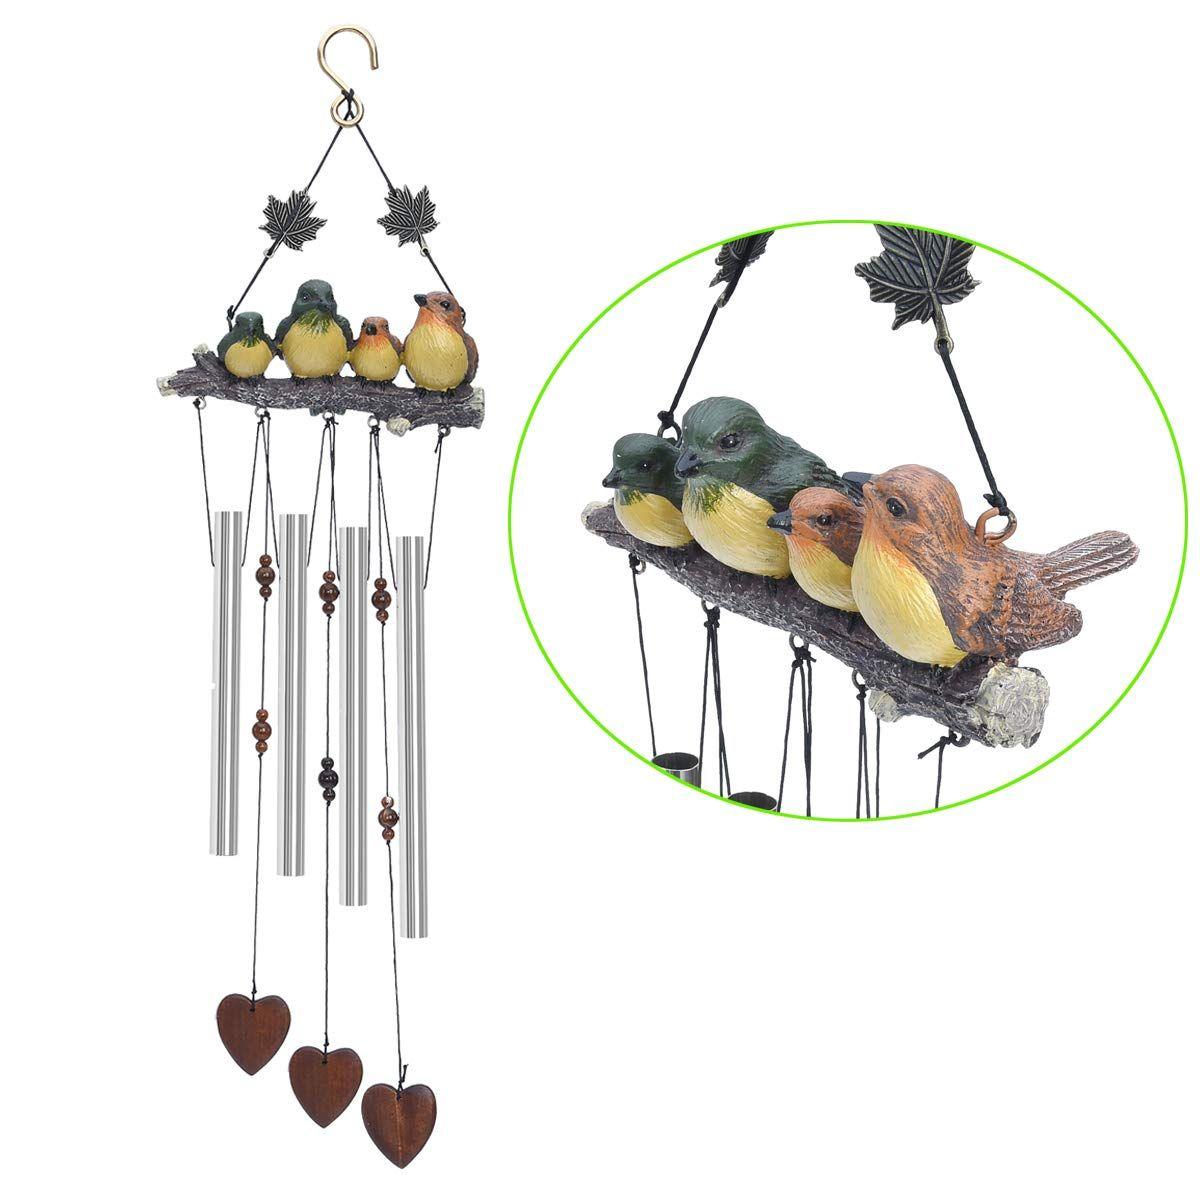 Bwinka Vivid 4 Aves 4 Tubos Incrível Graça Vento Chimes Decoração para Jardim, Quintal, Pátio e Decoração para Casa com Gancho